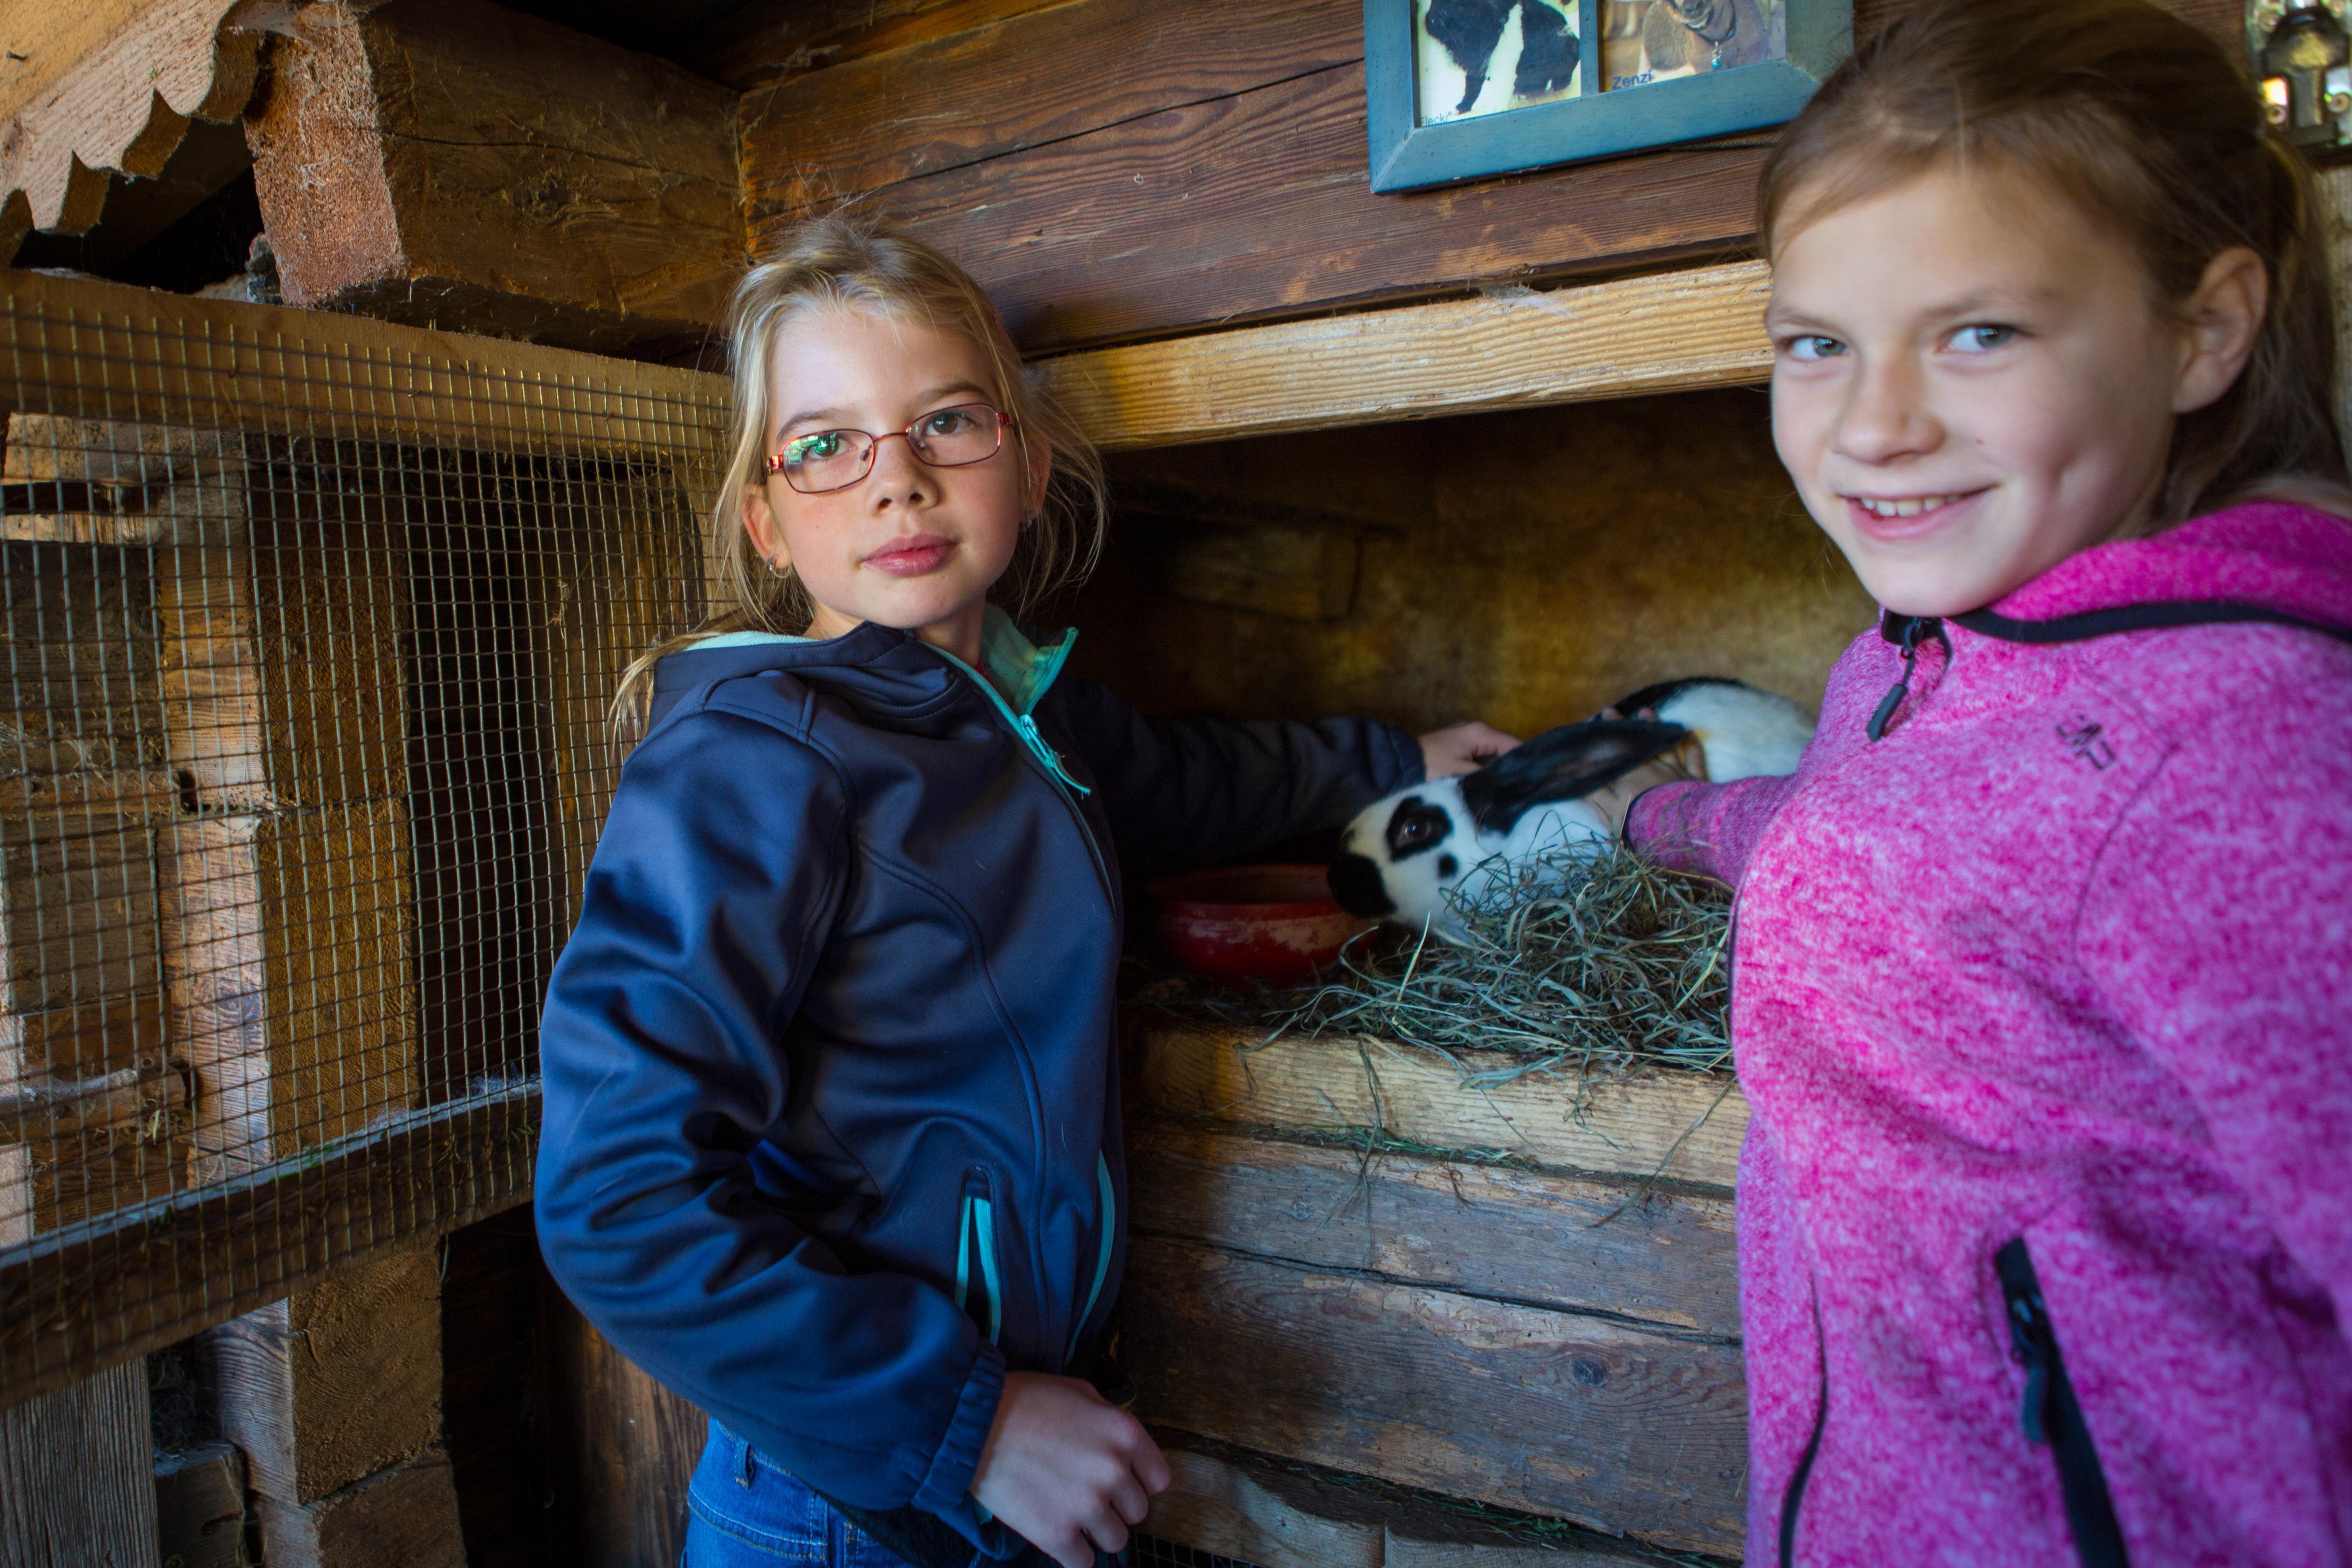 Der Streichelzoo ist ein Kinder-Magnet!  Alle weiteren Informationen zum Alpin Family Resort Seetal findet ihr unter: http://kinderhotel.info/kinderhotel/alpin-family-resort-seetal